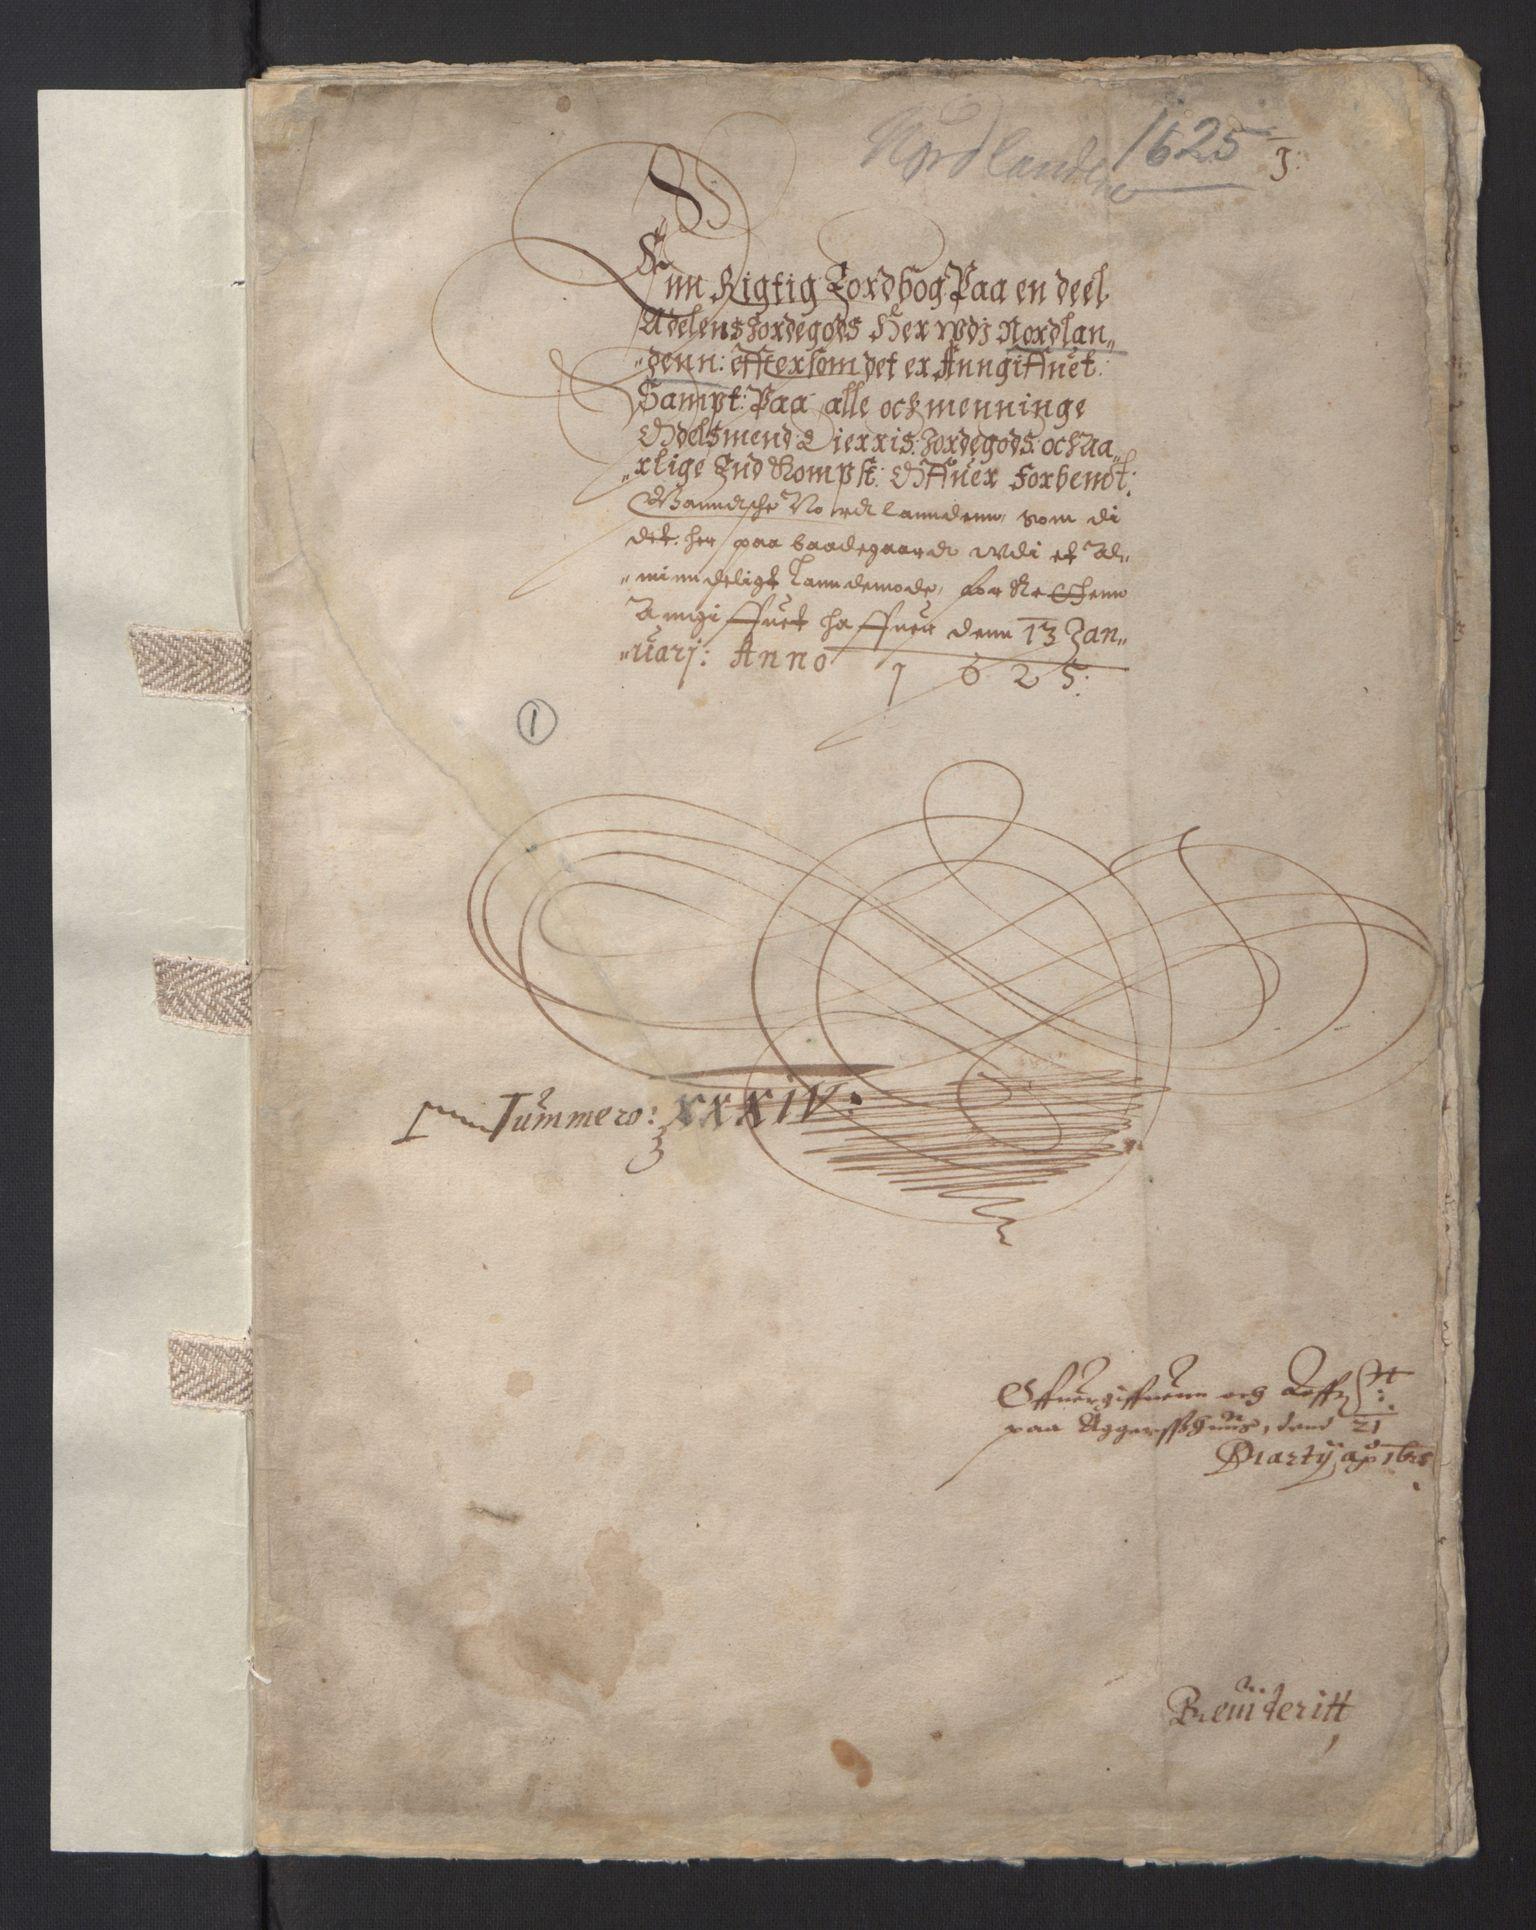 RA, Stattholderembetet 1572-1771, Ek/L0013: Jordebøker til utlikning av rosstjeneste 1624-1626:, 1625, s. 1a